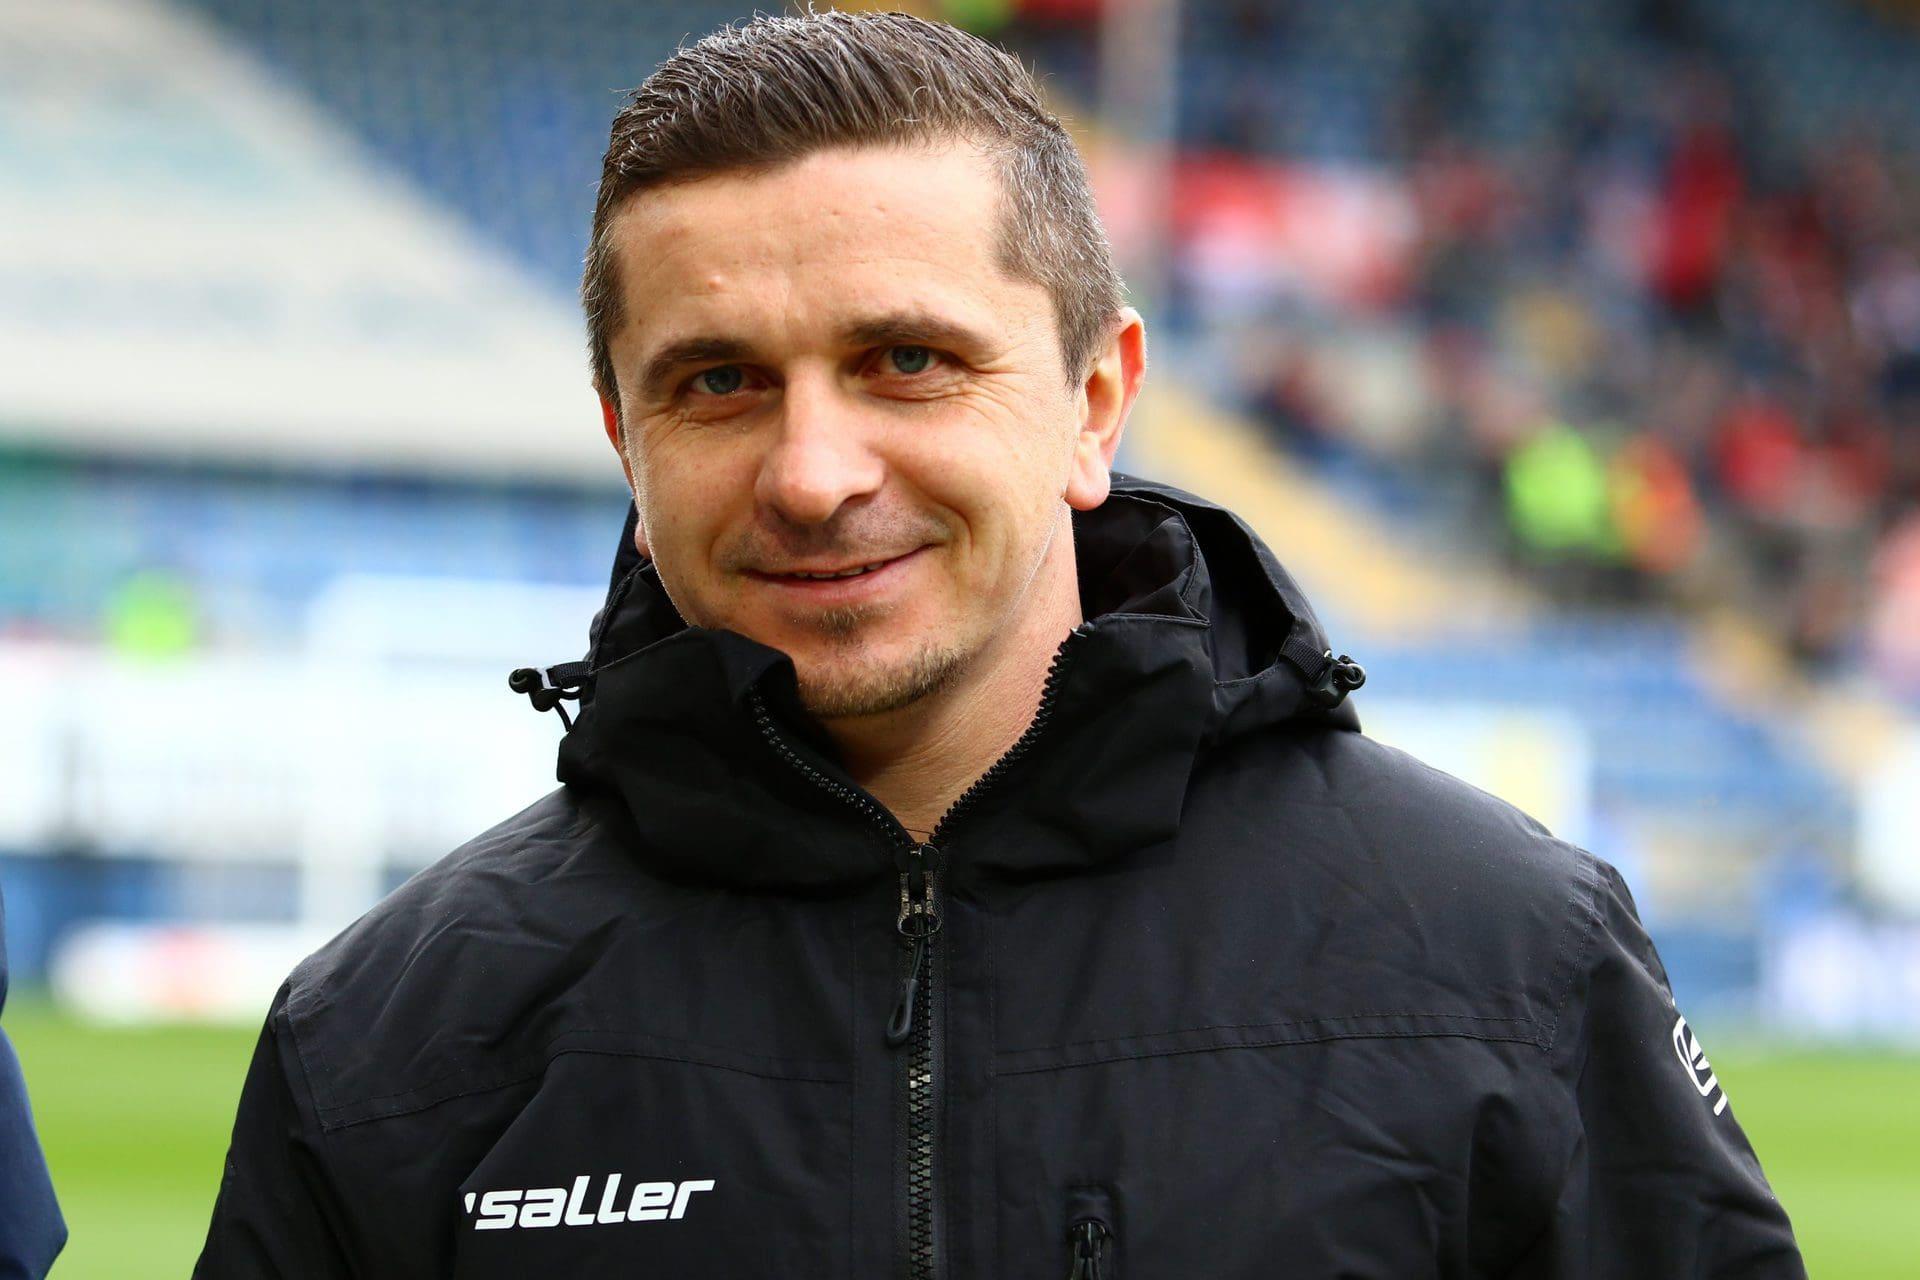 """Mersad Selimbegovic: """"Wir werden von Woche zu Woche besser"""" Vor dem Start in der 2. Fußball-Bundesliga: Der Cheftrainer des SSV Jahn Regensburg im großen Blizz-Interview"""